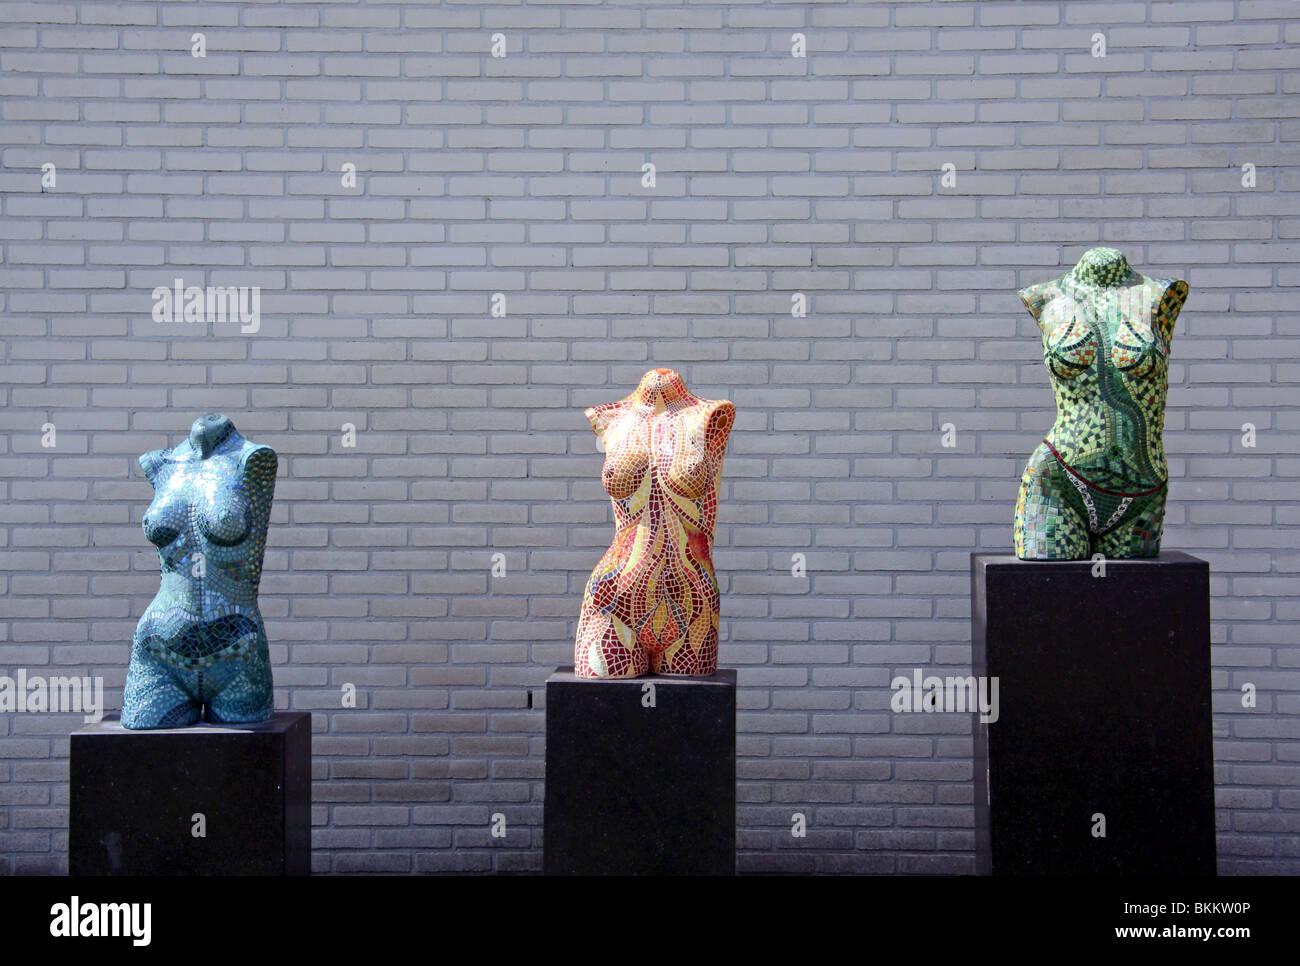 Torse Féminin exposition à la rapport annuel de printemps de l'Europe Pays-bas Keukenhof Jardins Banque D'Images